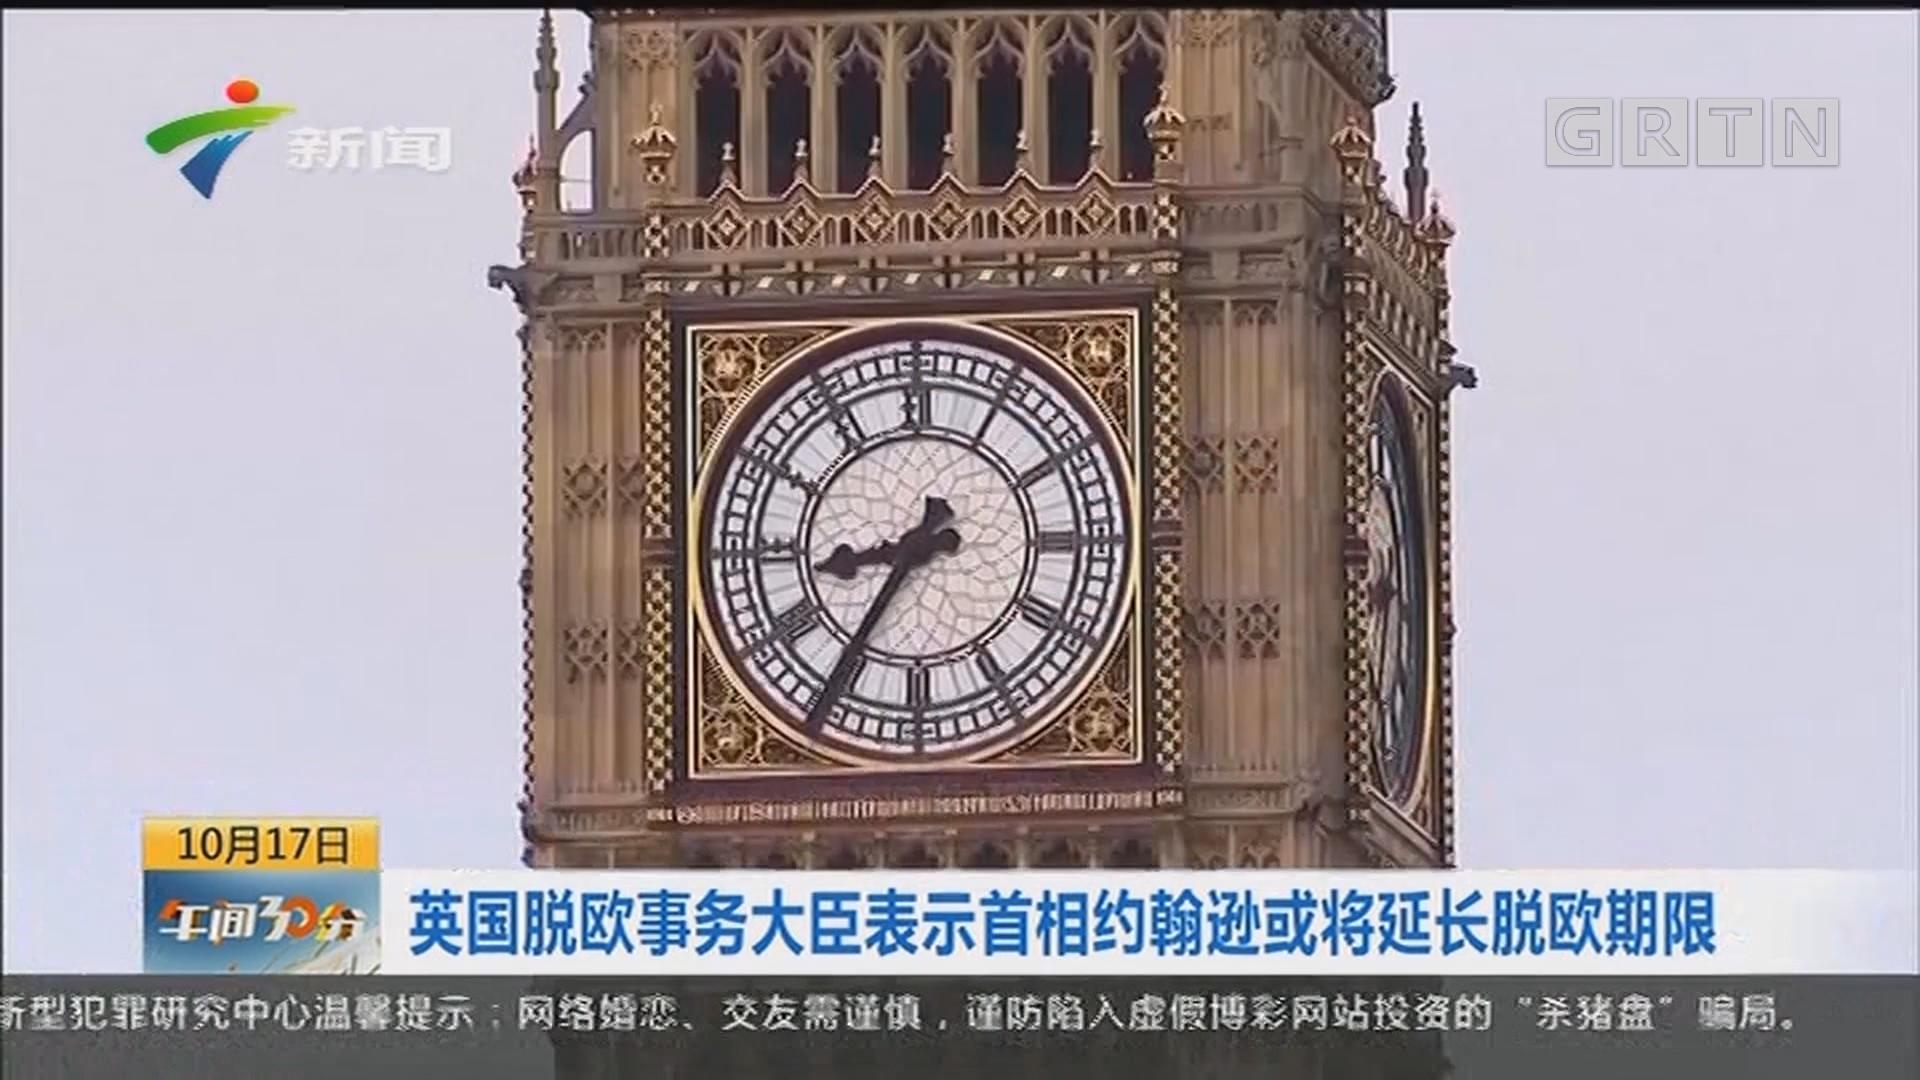 英国脱欧事务大臣表示首相约翰逊或将延长脱欧期限